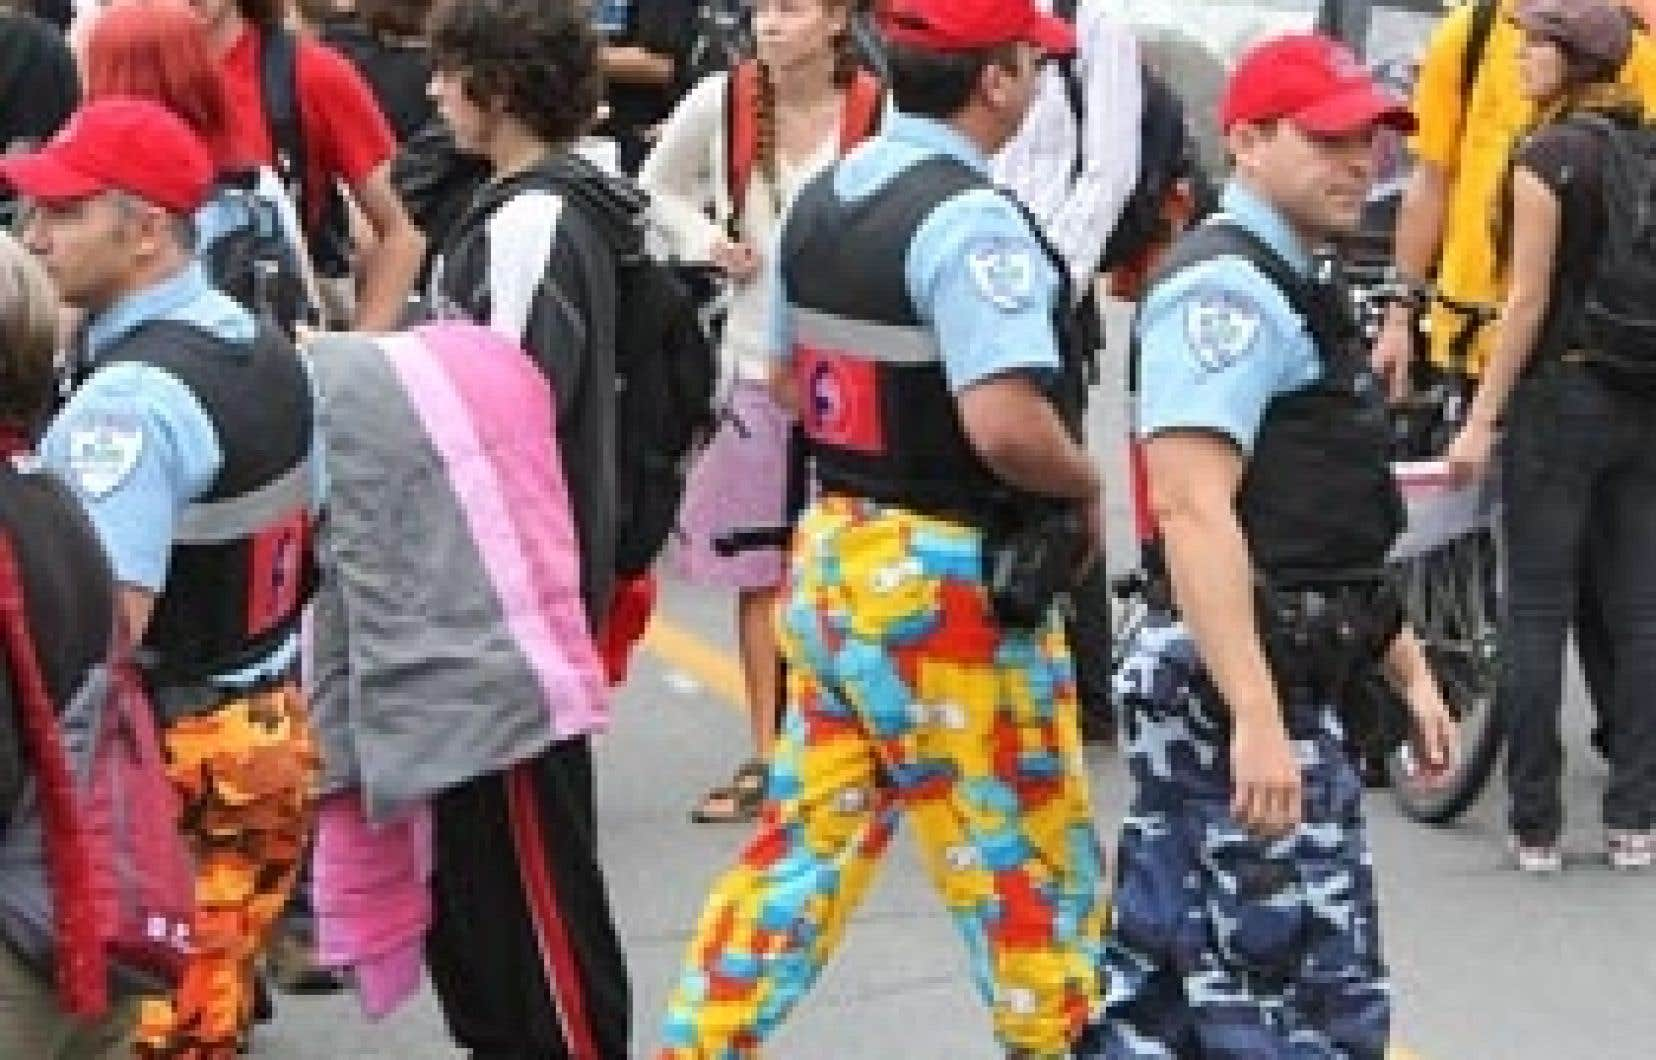 La direction du SPVM demandait pour dimanche une trêve du moyen de pression, alors que se tiendra à Montréal une manifestation du Collectif opposé à la brutalité policière.